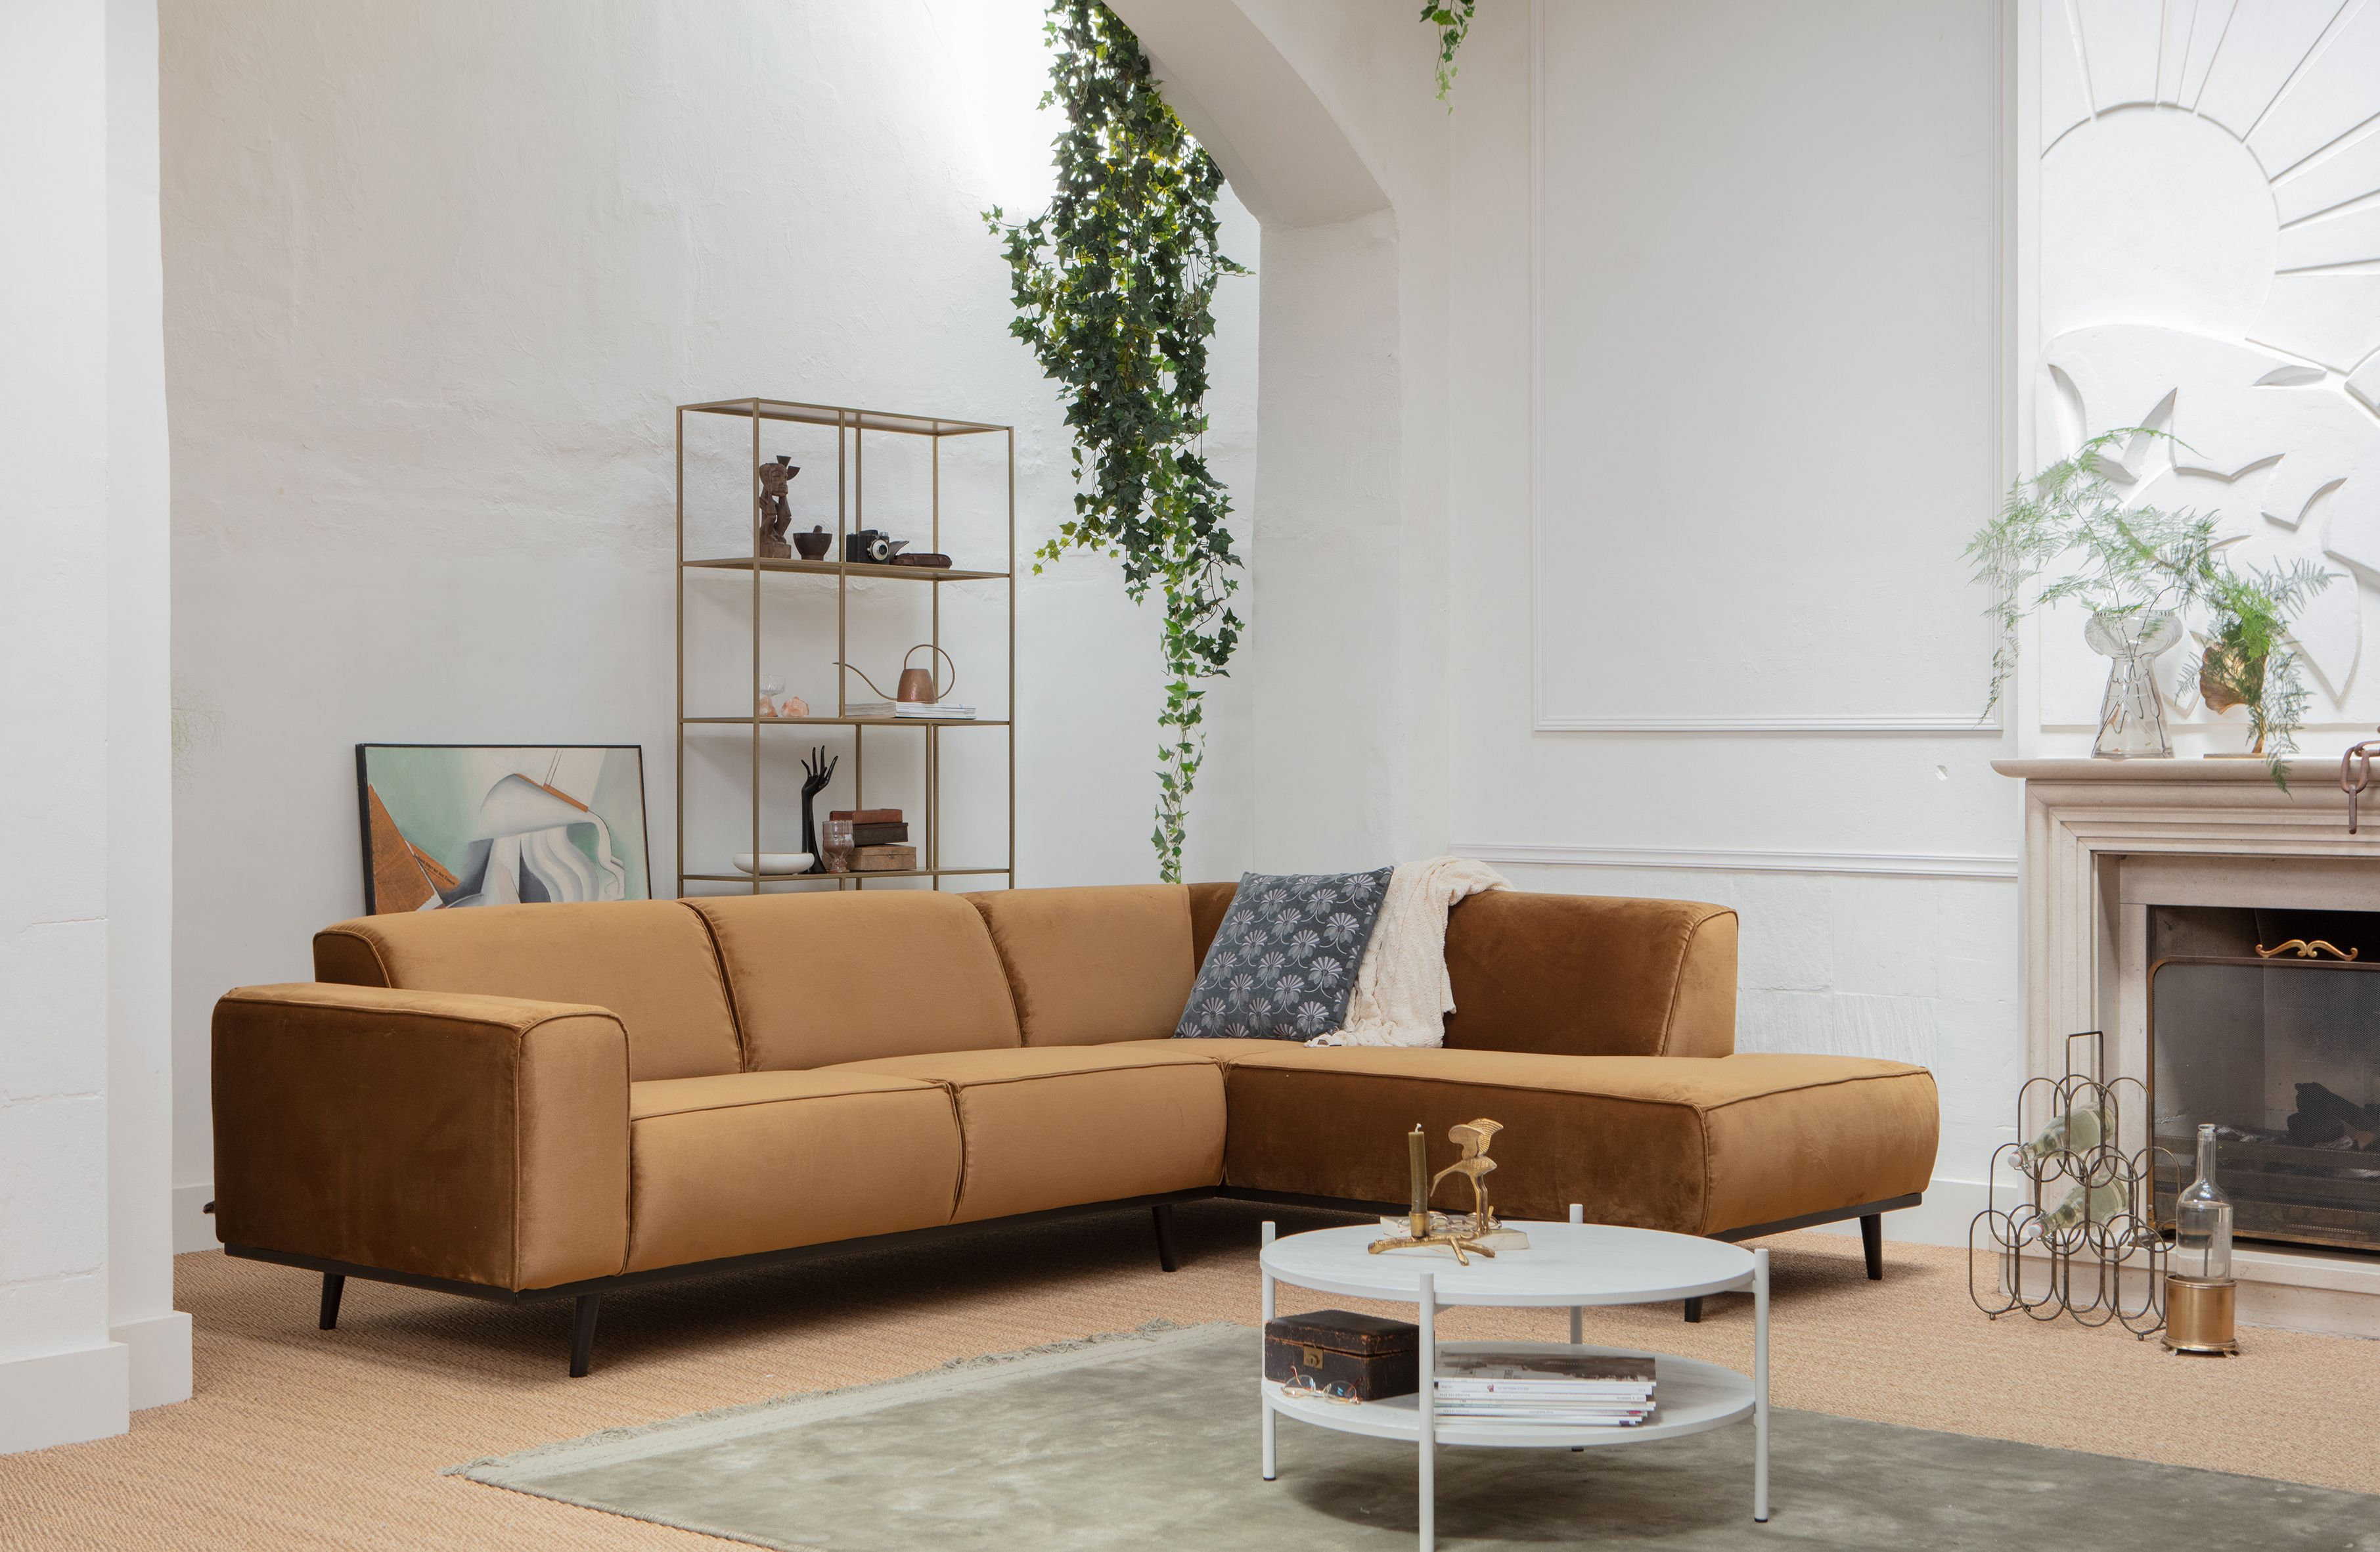 lifestyle4living B/üroregal in modernem Beton-Dekor platzsparendes Drehregal mit 3 F/ächern Made in Germany